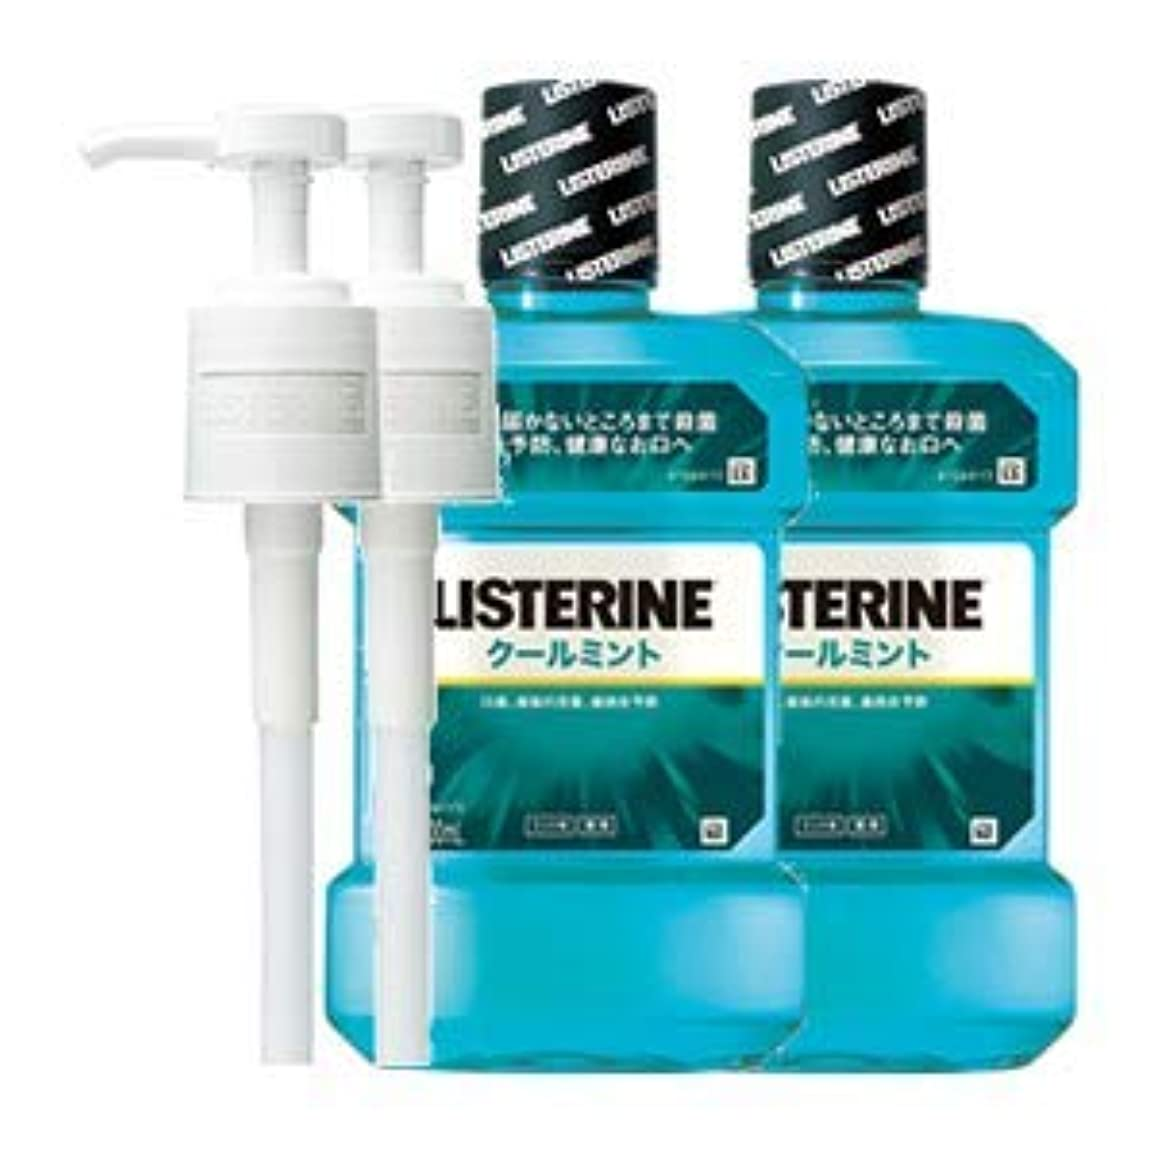 視力ブロックランドリー薬用リステリン クールミント (マウスウォッシュ/洗口液) 1000mL 2点セット (ポンプ付)